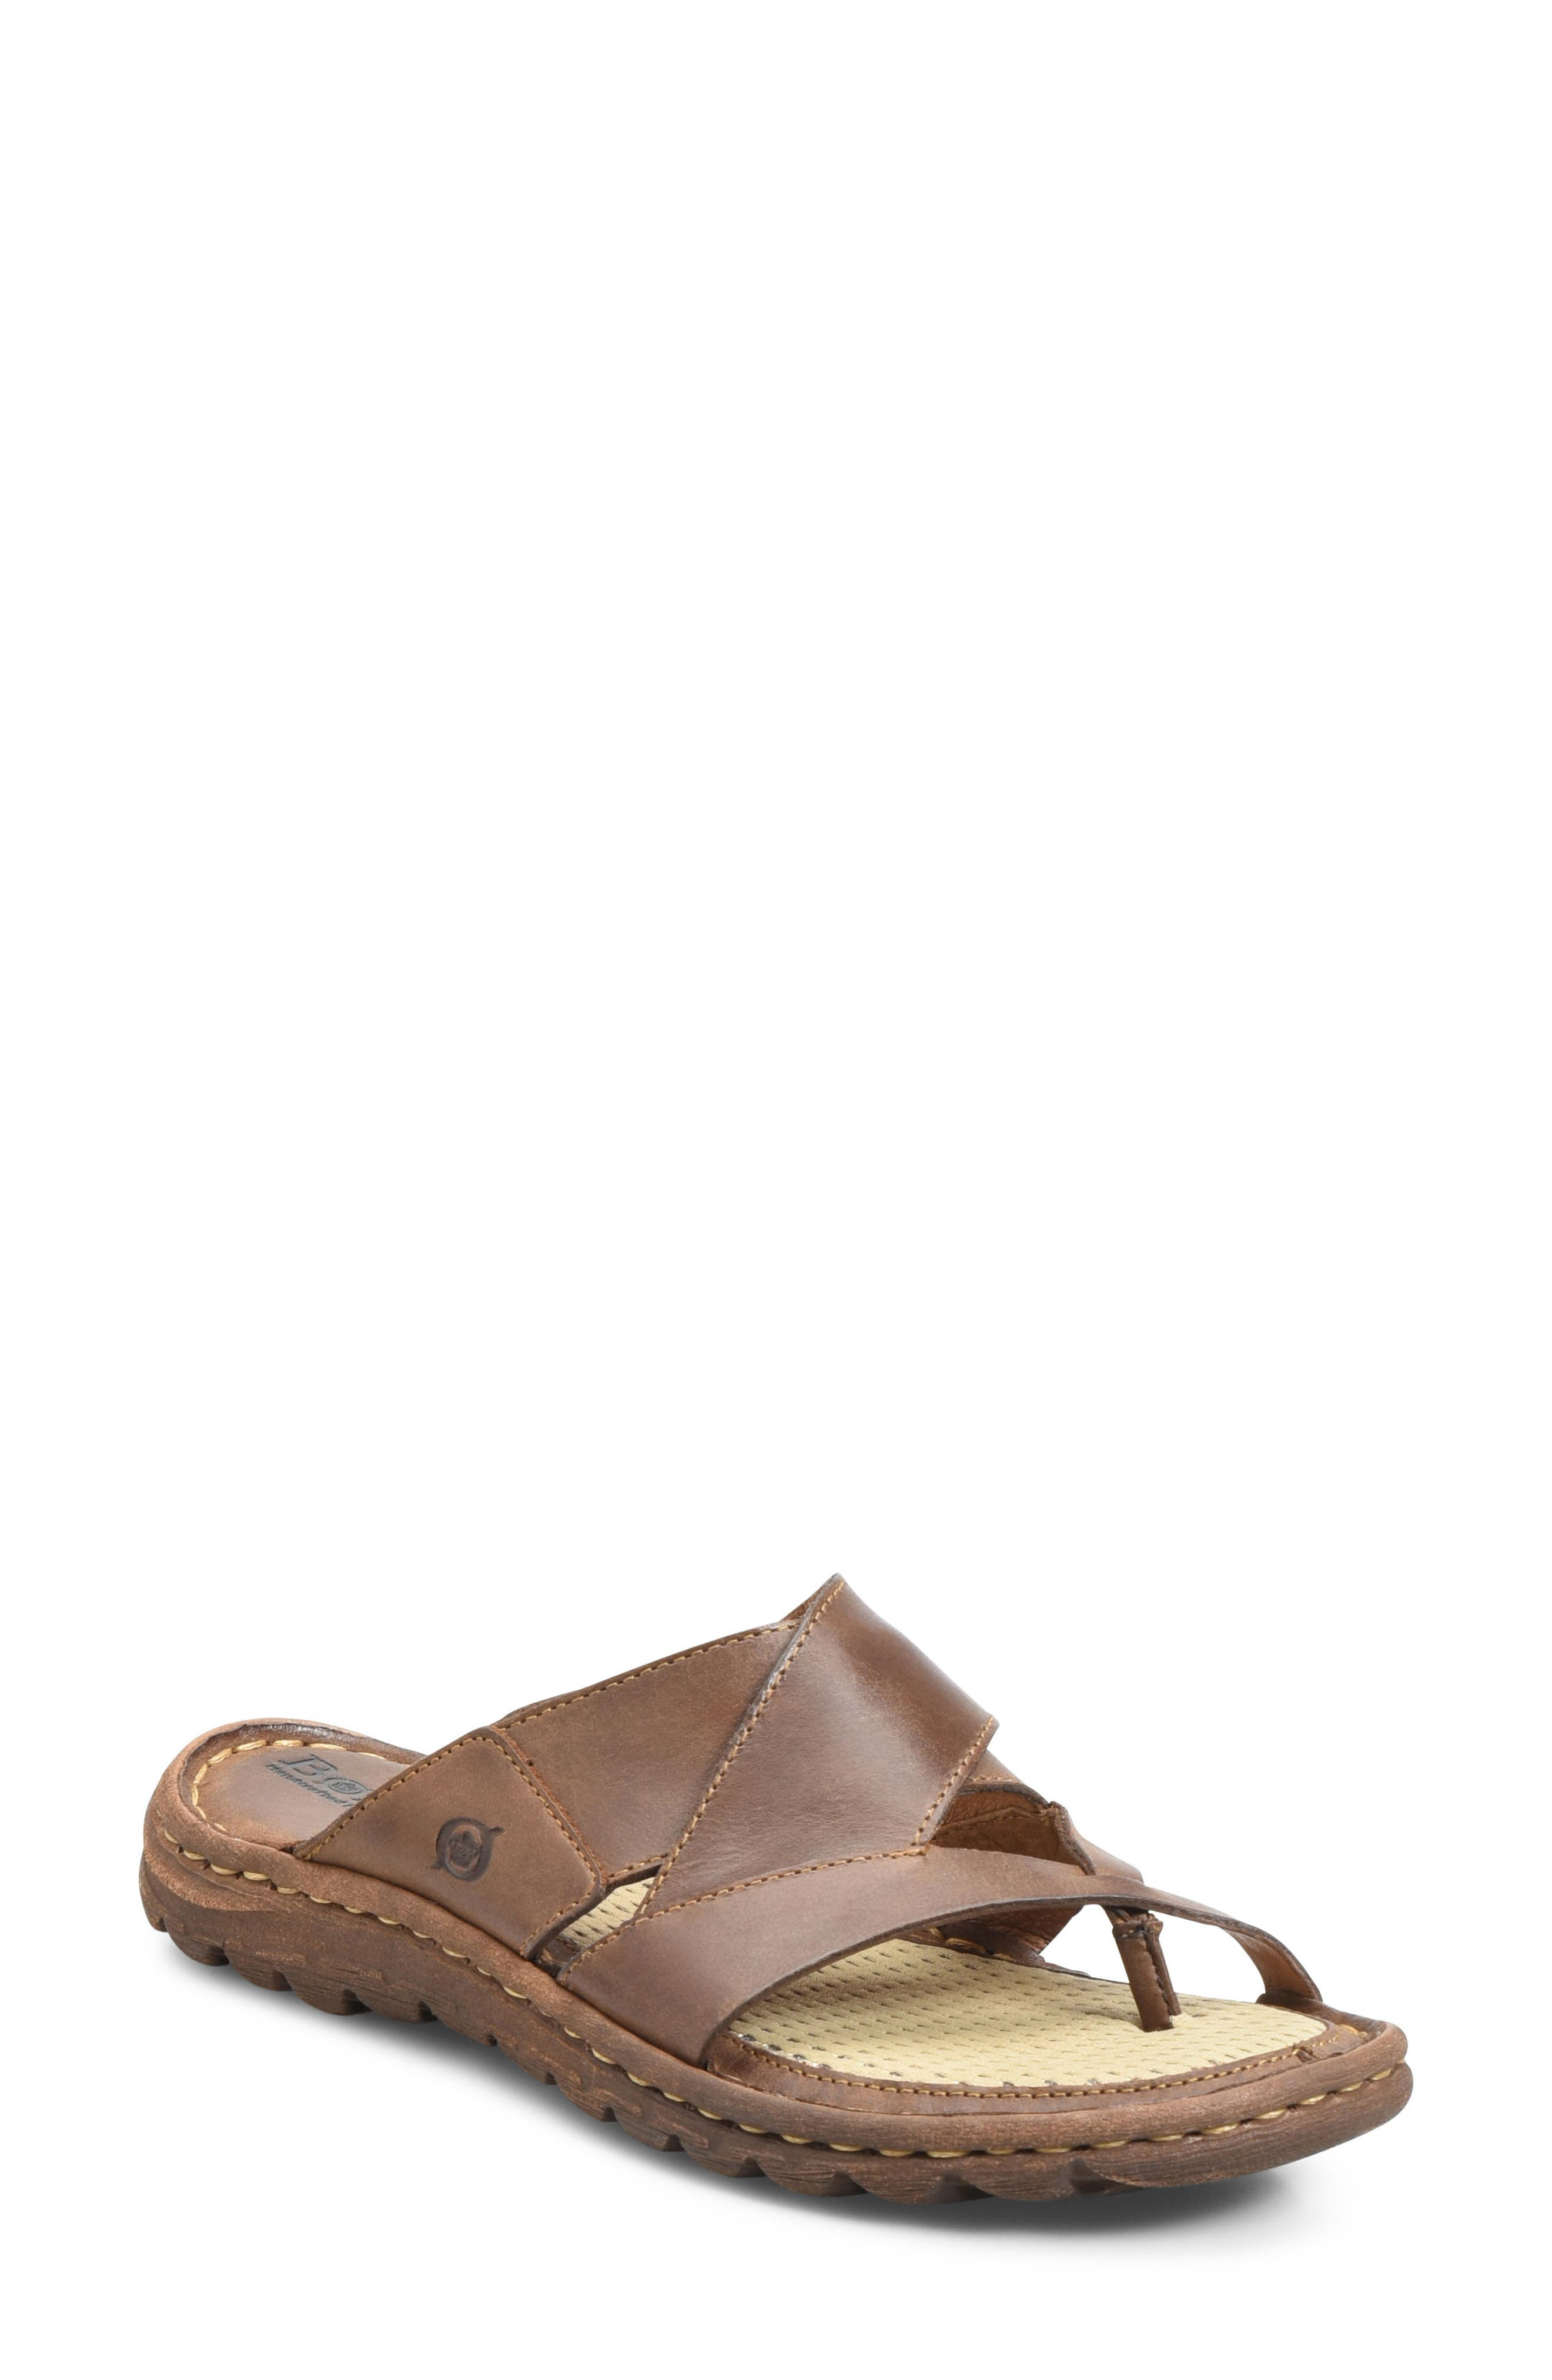 2c2d877fdaf2 born Sandals - Women s